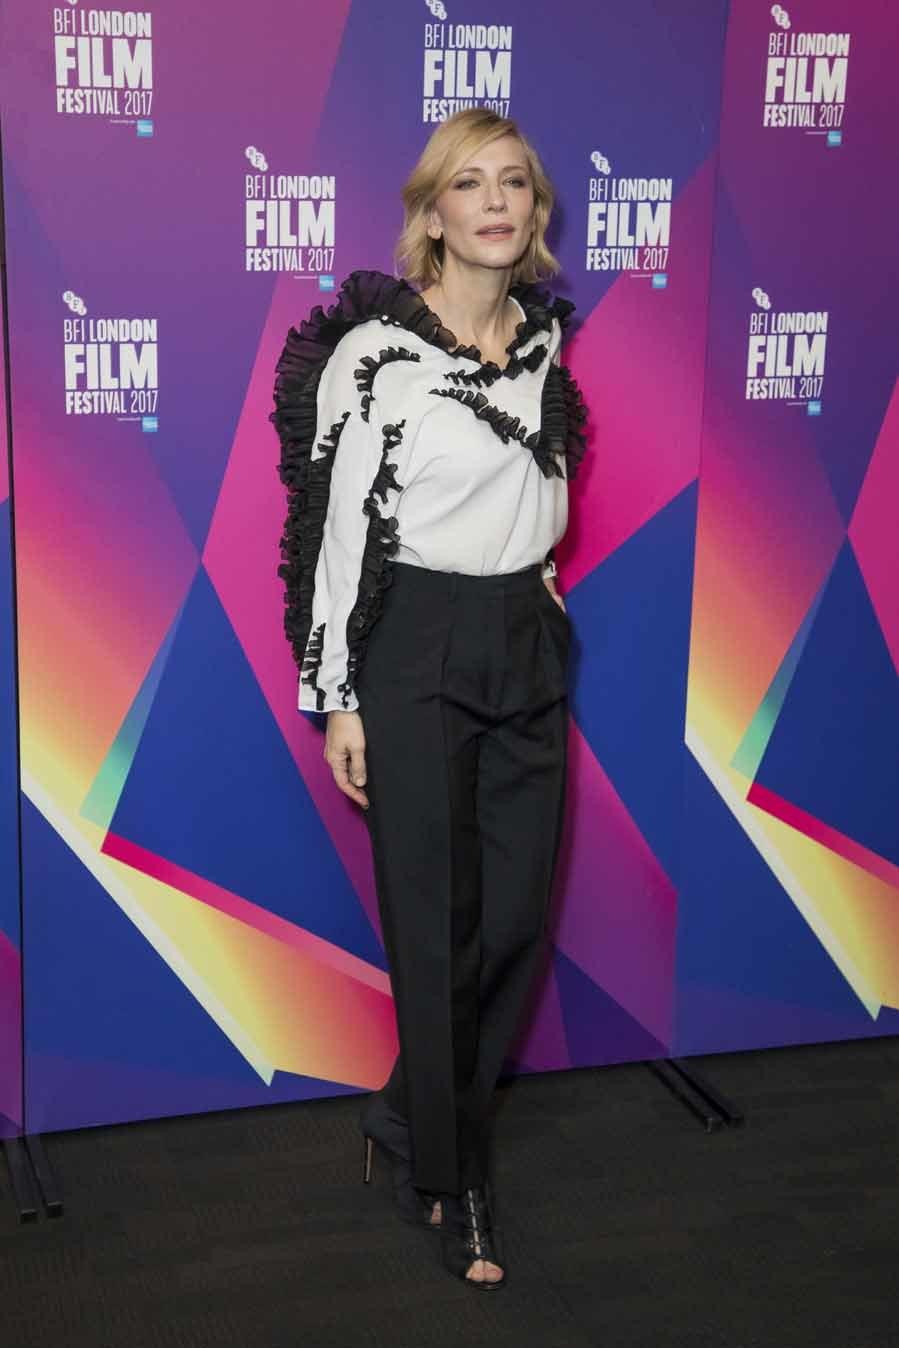 Un look elegante y muy chic con el que Blanchett acaparó todas las...